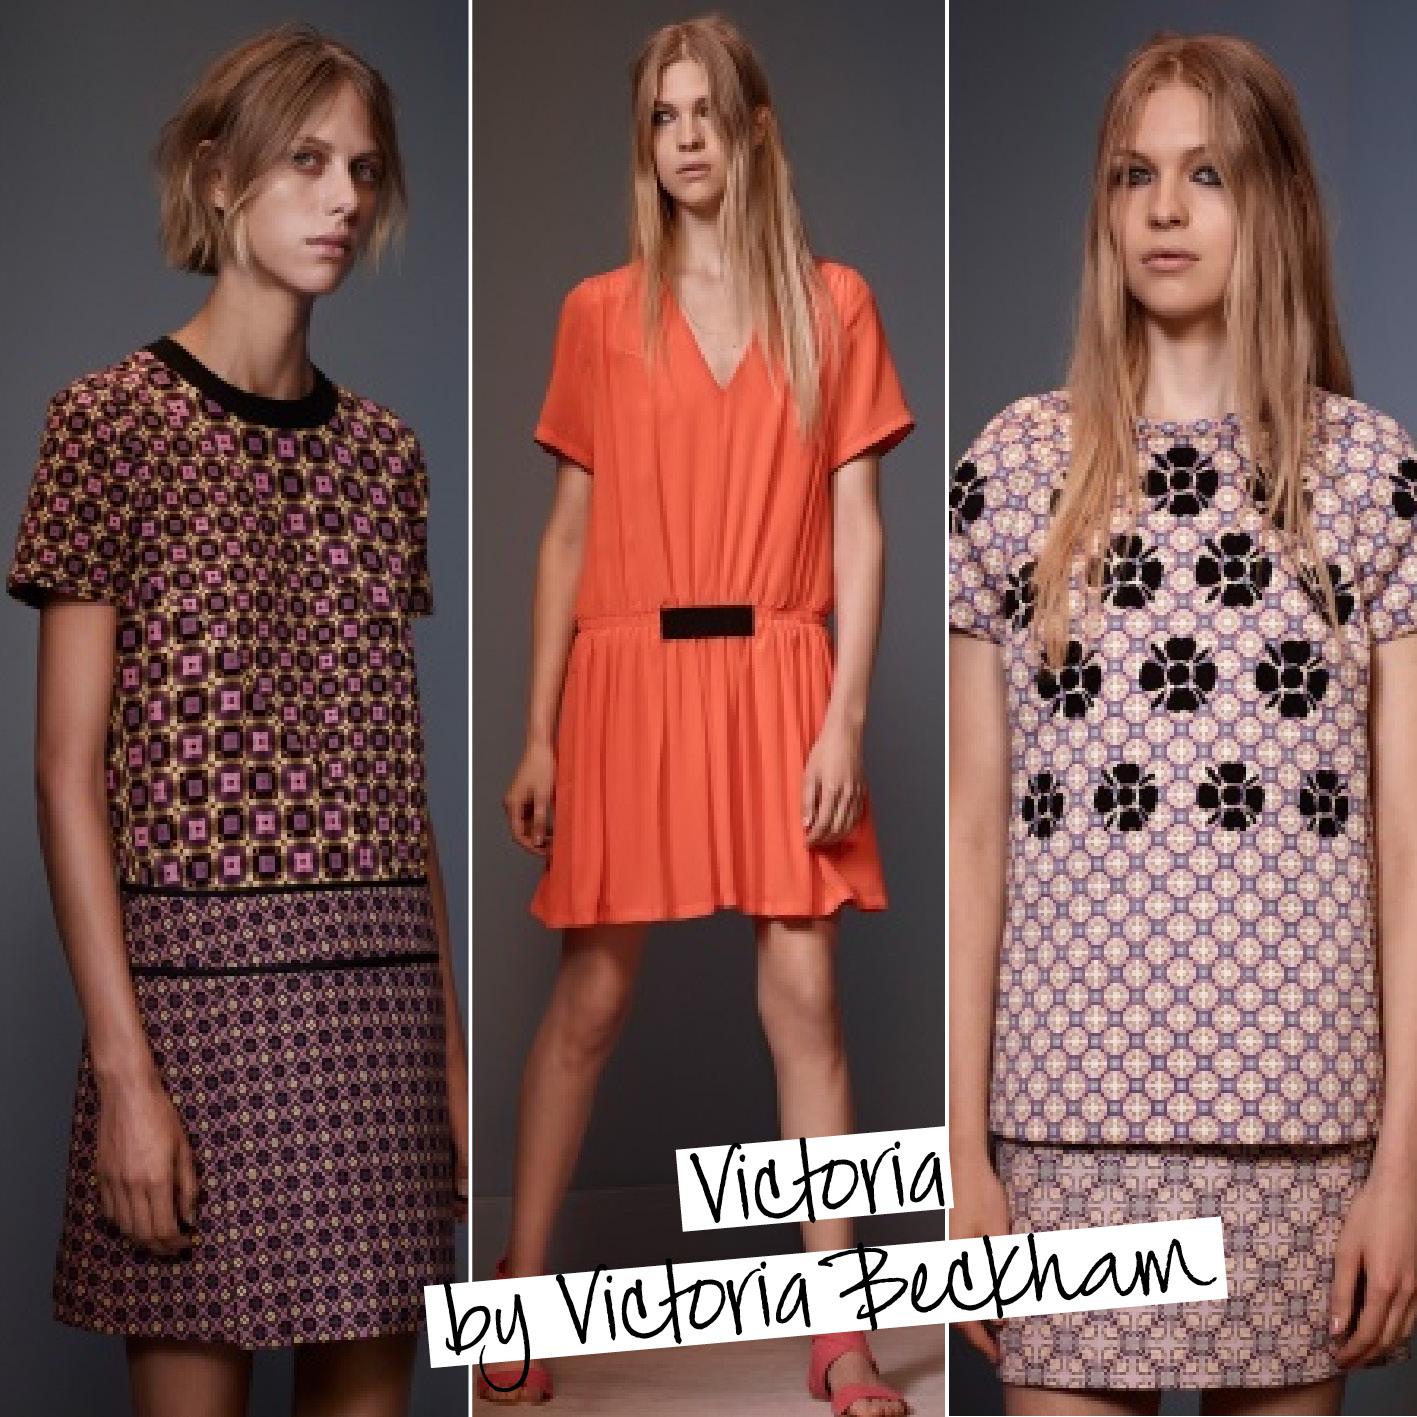 Victoria4